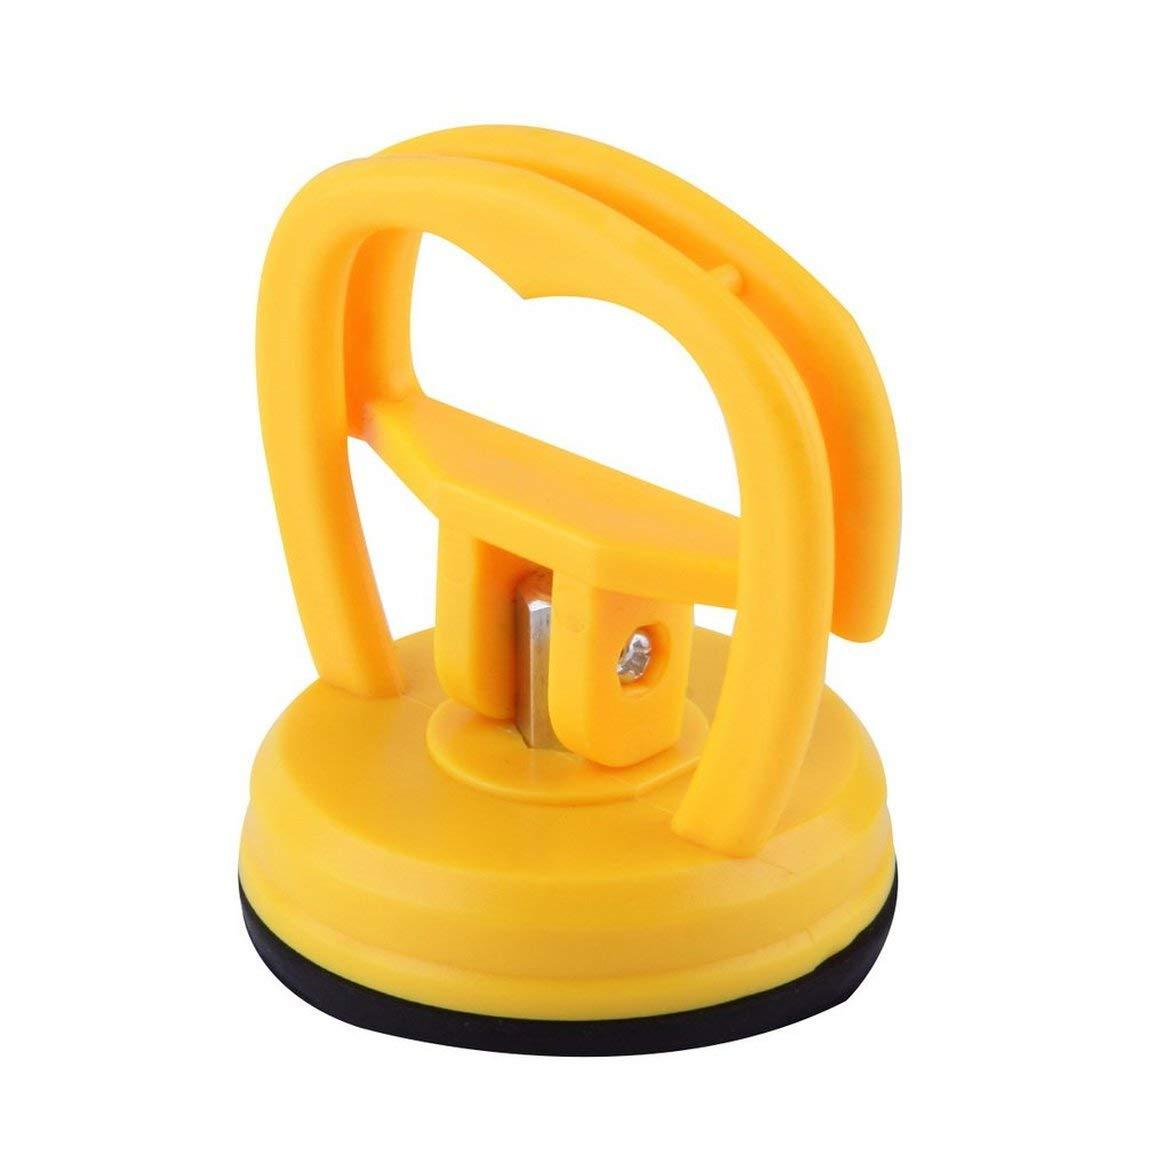 Fantasyworld Mini-Auto-LKW Auto Dent Karosseriereparatur Glas Mover Werkzeug Saugnapf Dent Remover Puller Glas Metall Lifter Locking Schnell Heißer